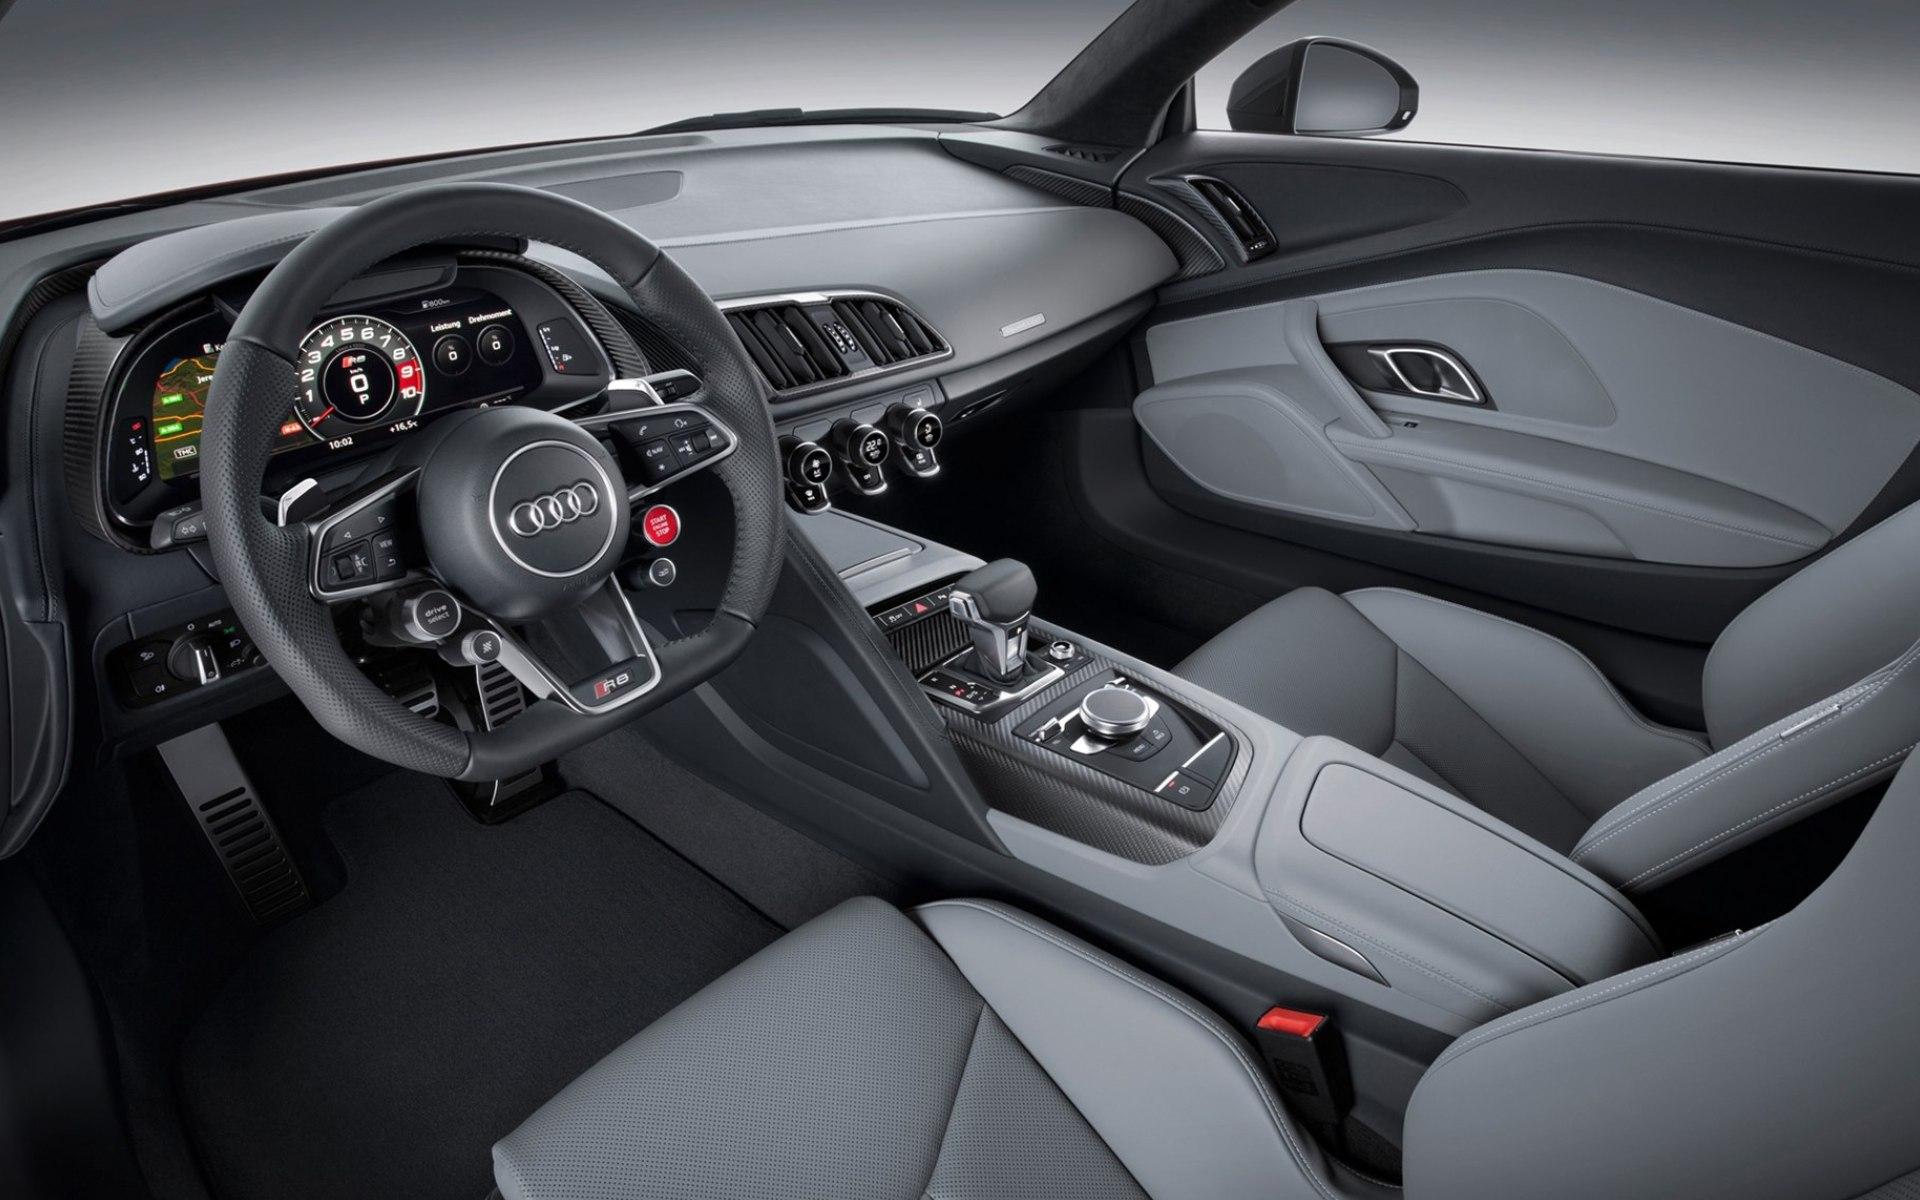 Audi R8 19201200 1920x1200